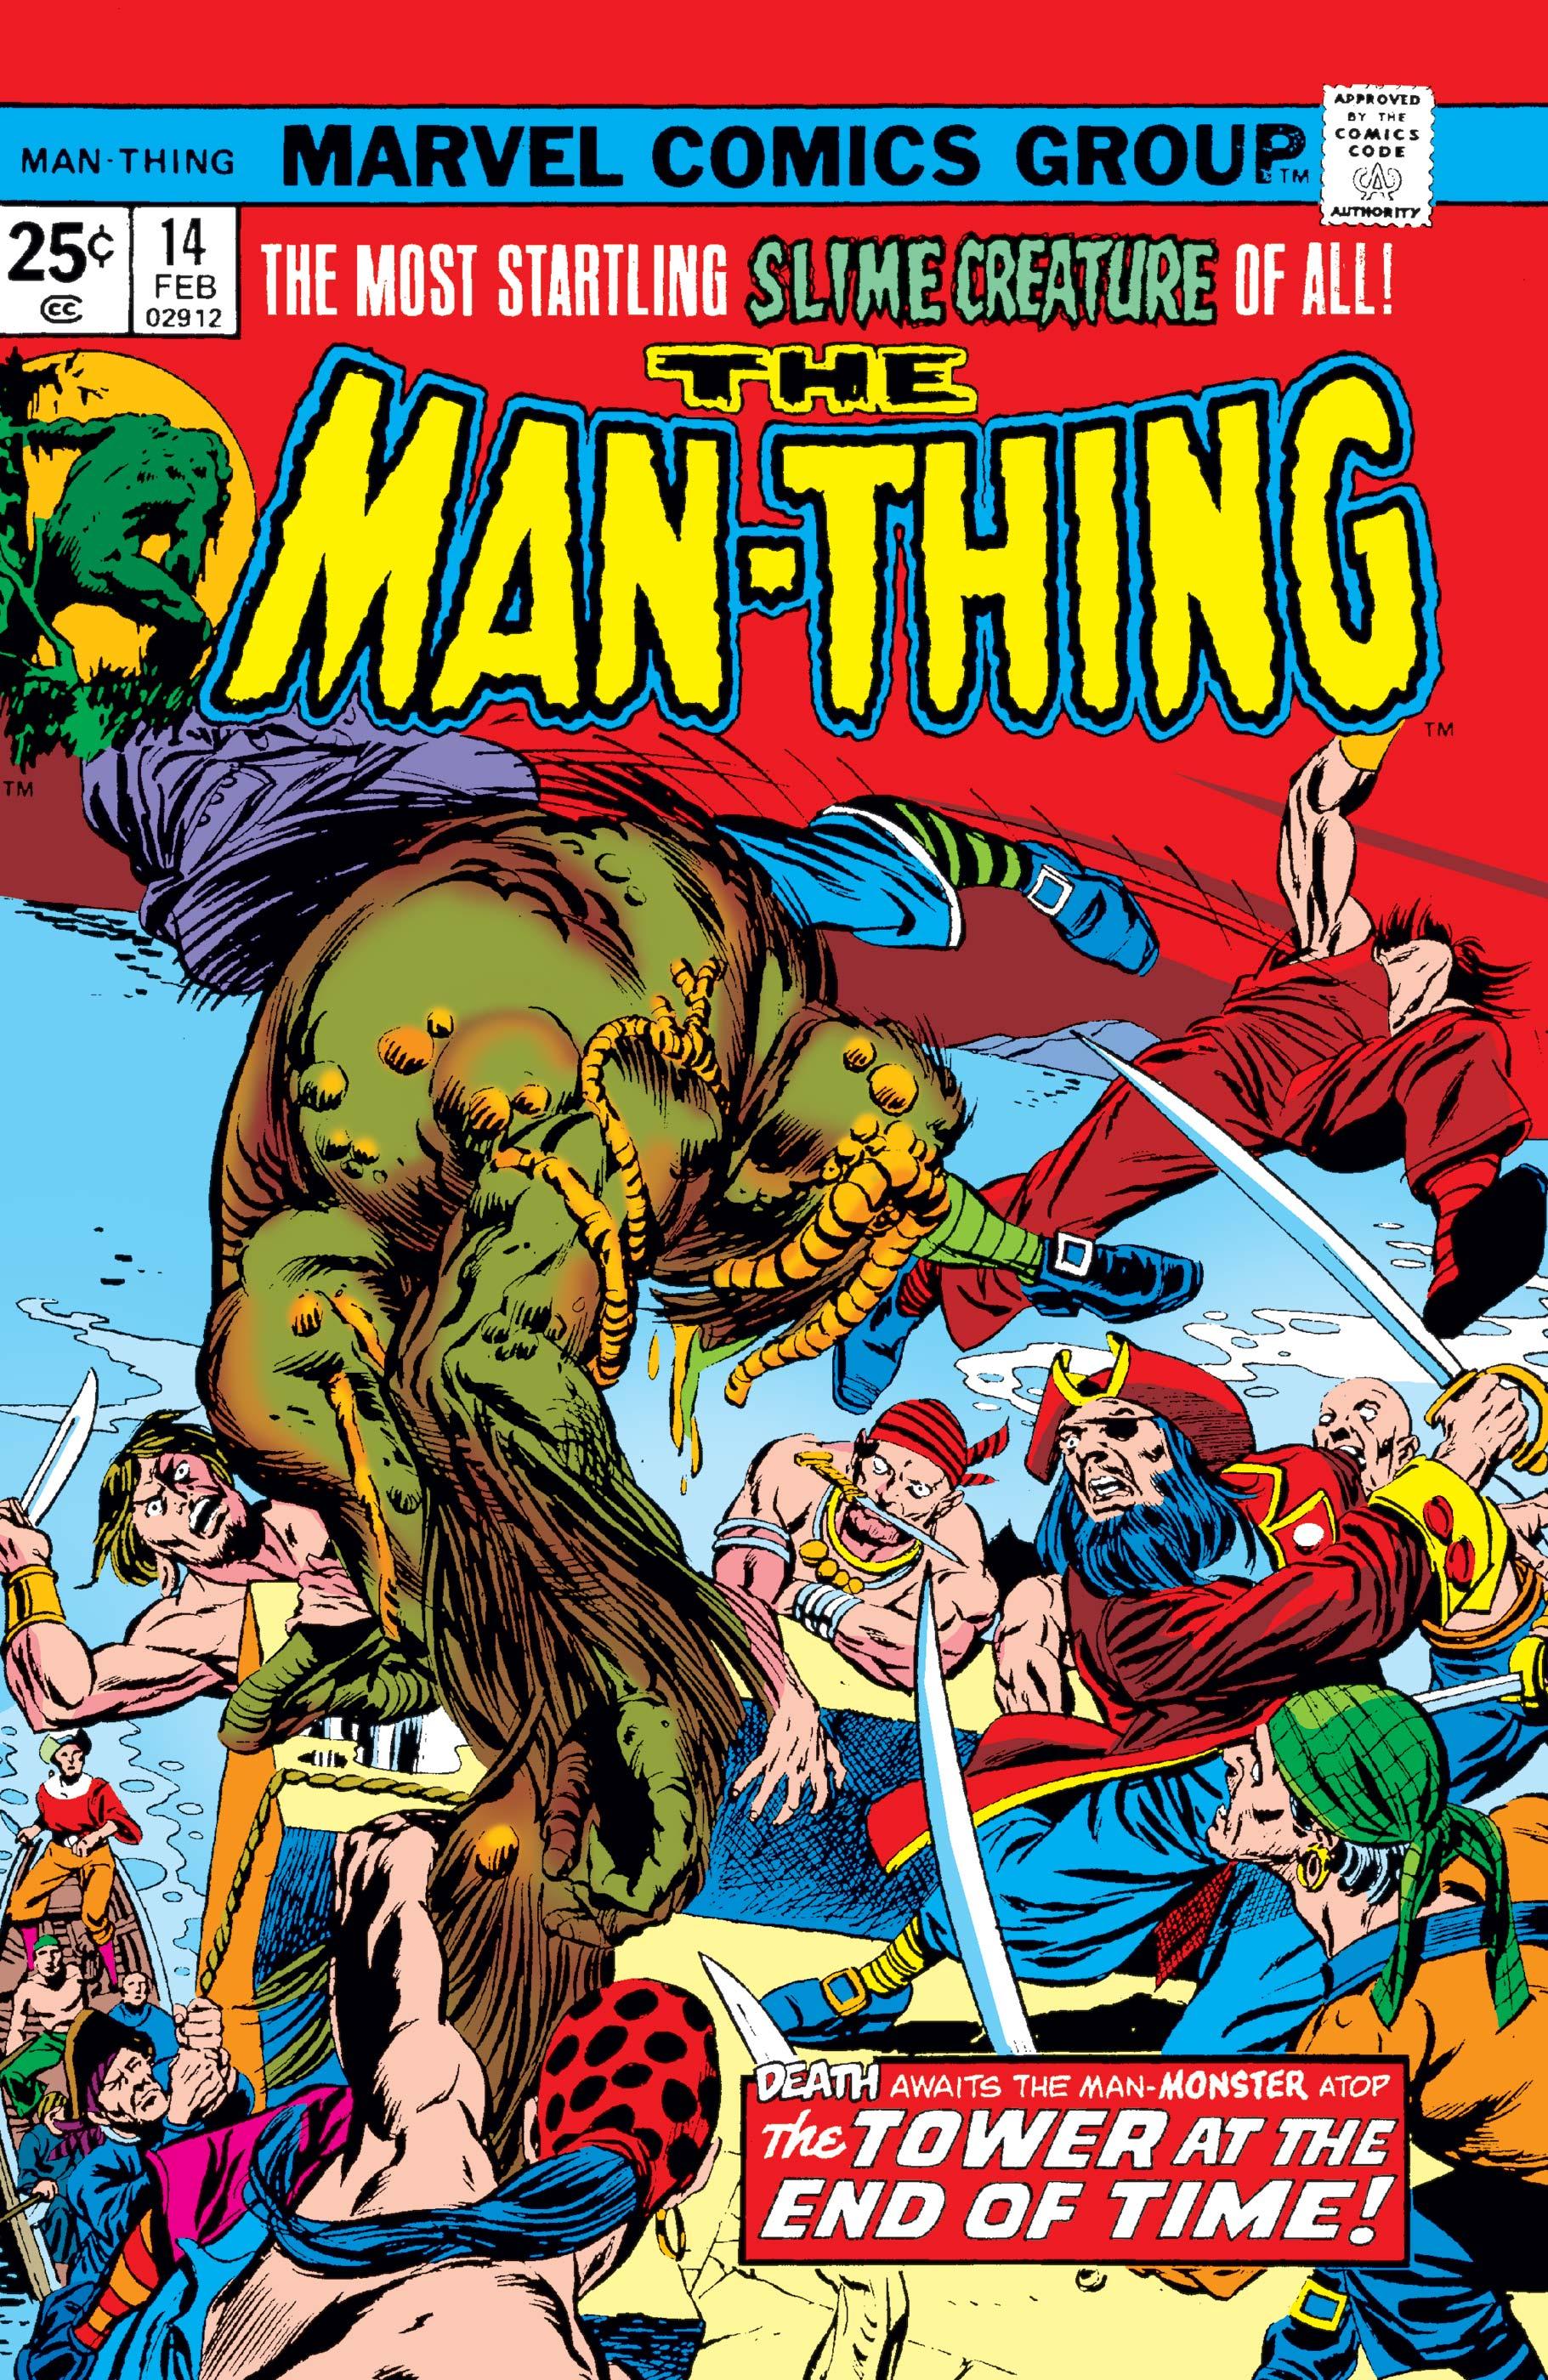 Man-Thing (1974) #14